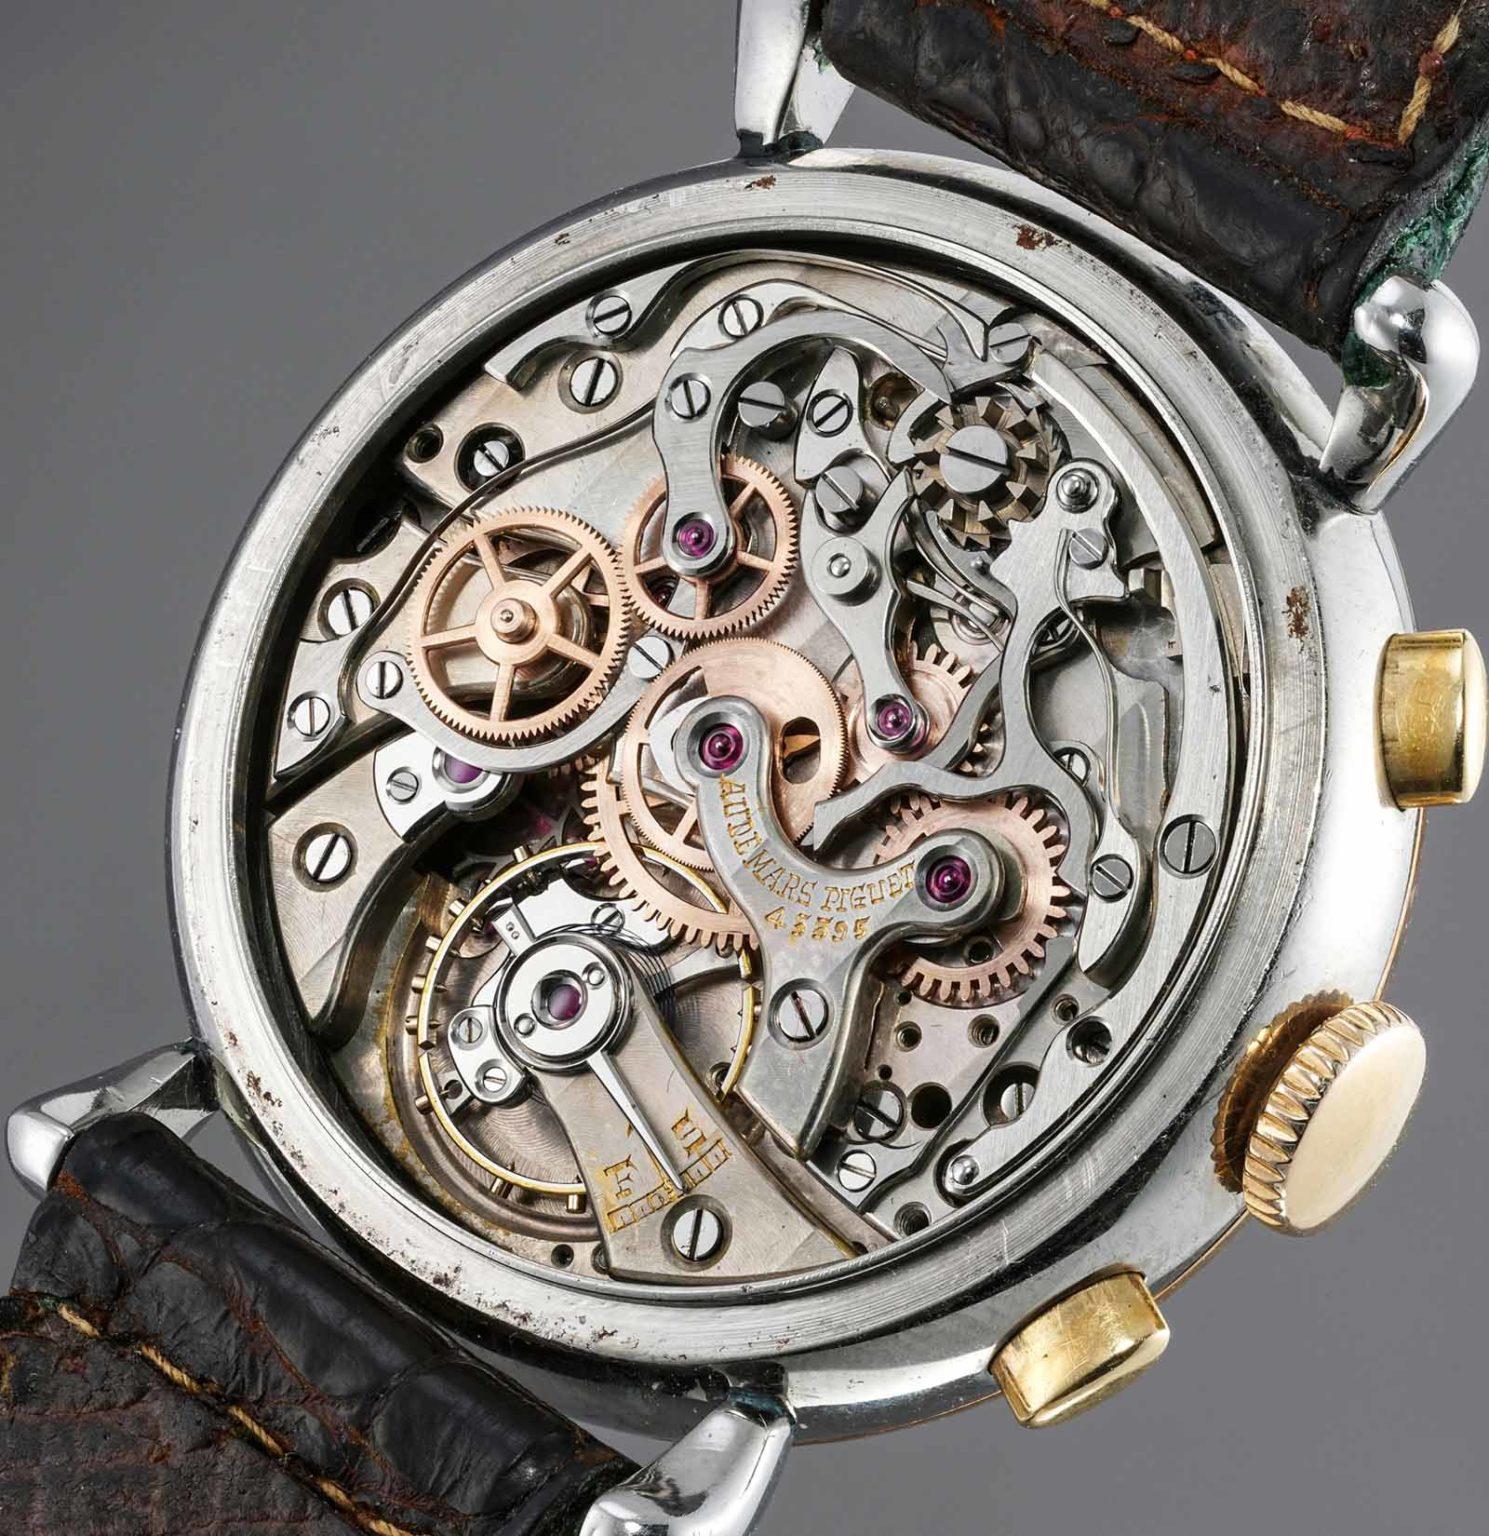 Replica Uhren Audemars Piguet-av